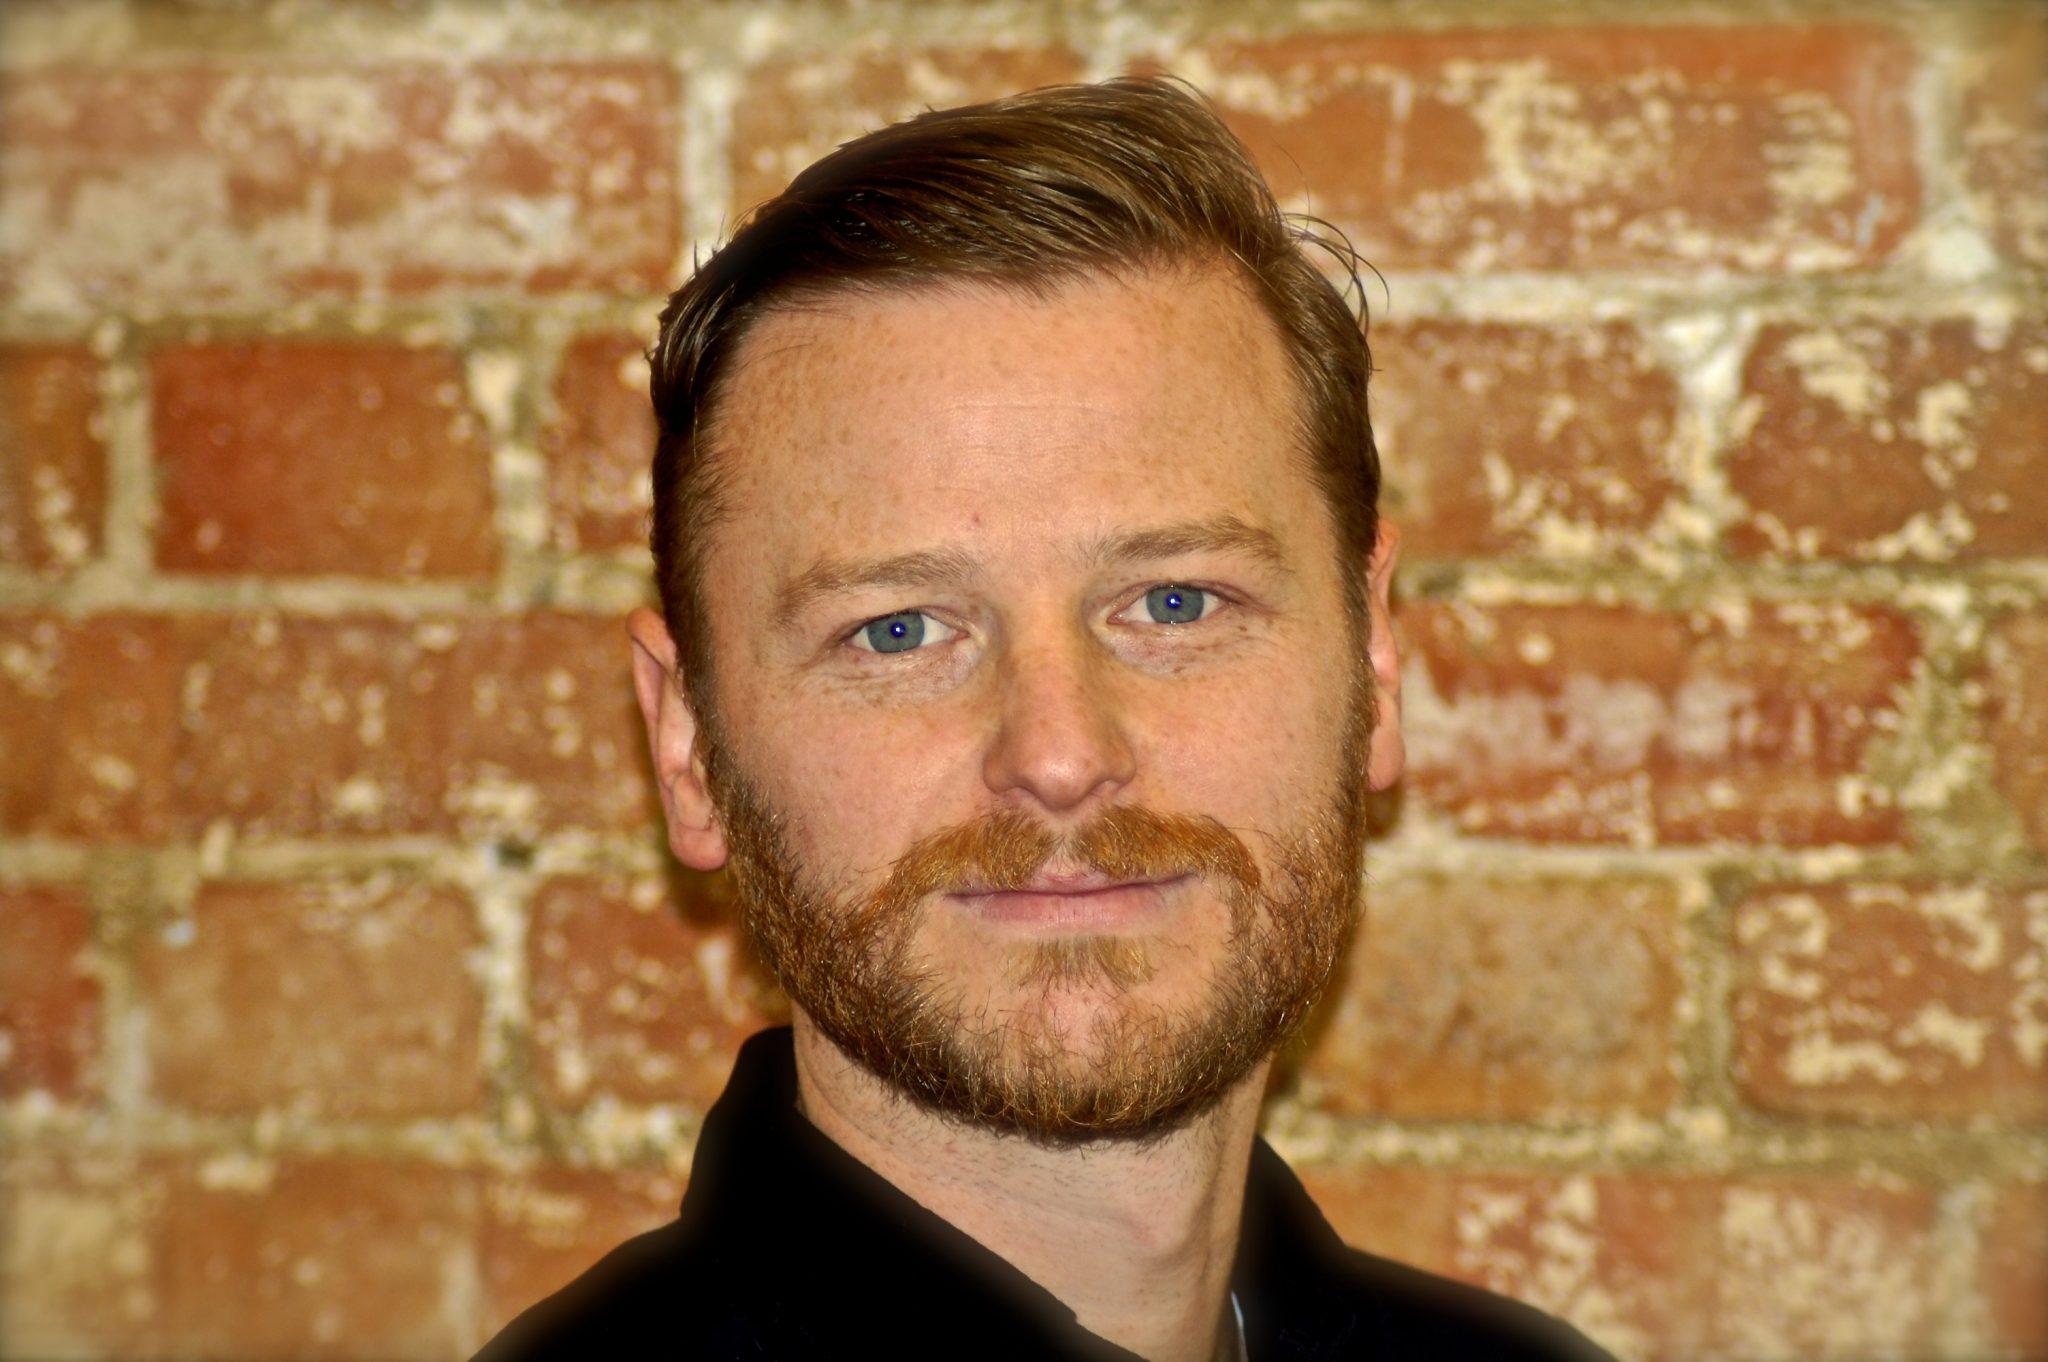 Shaun Parry